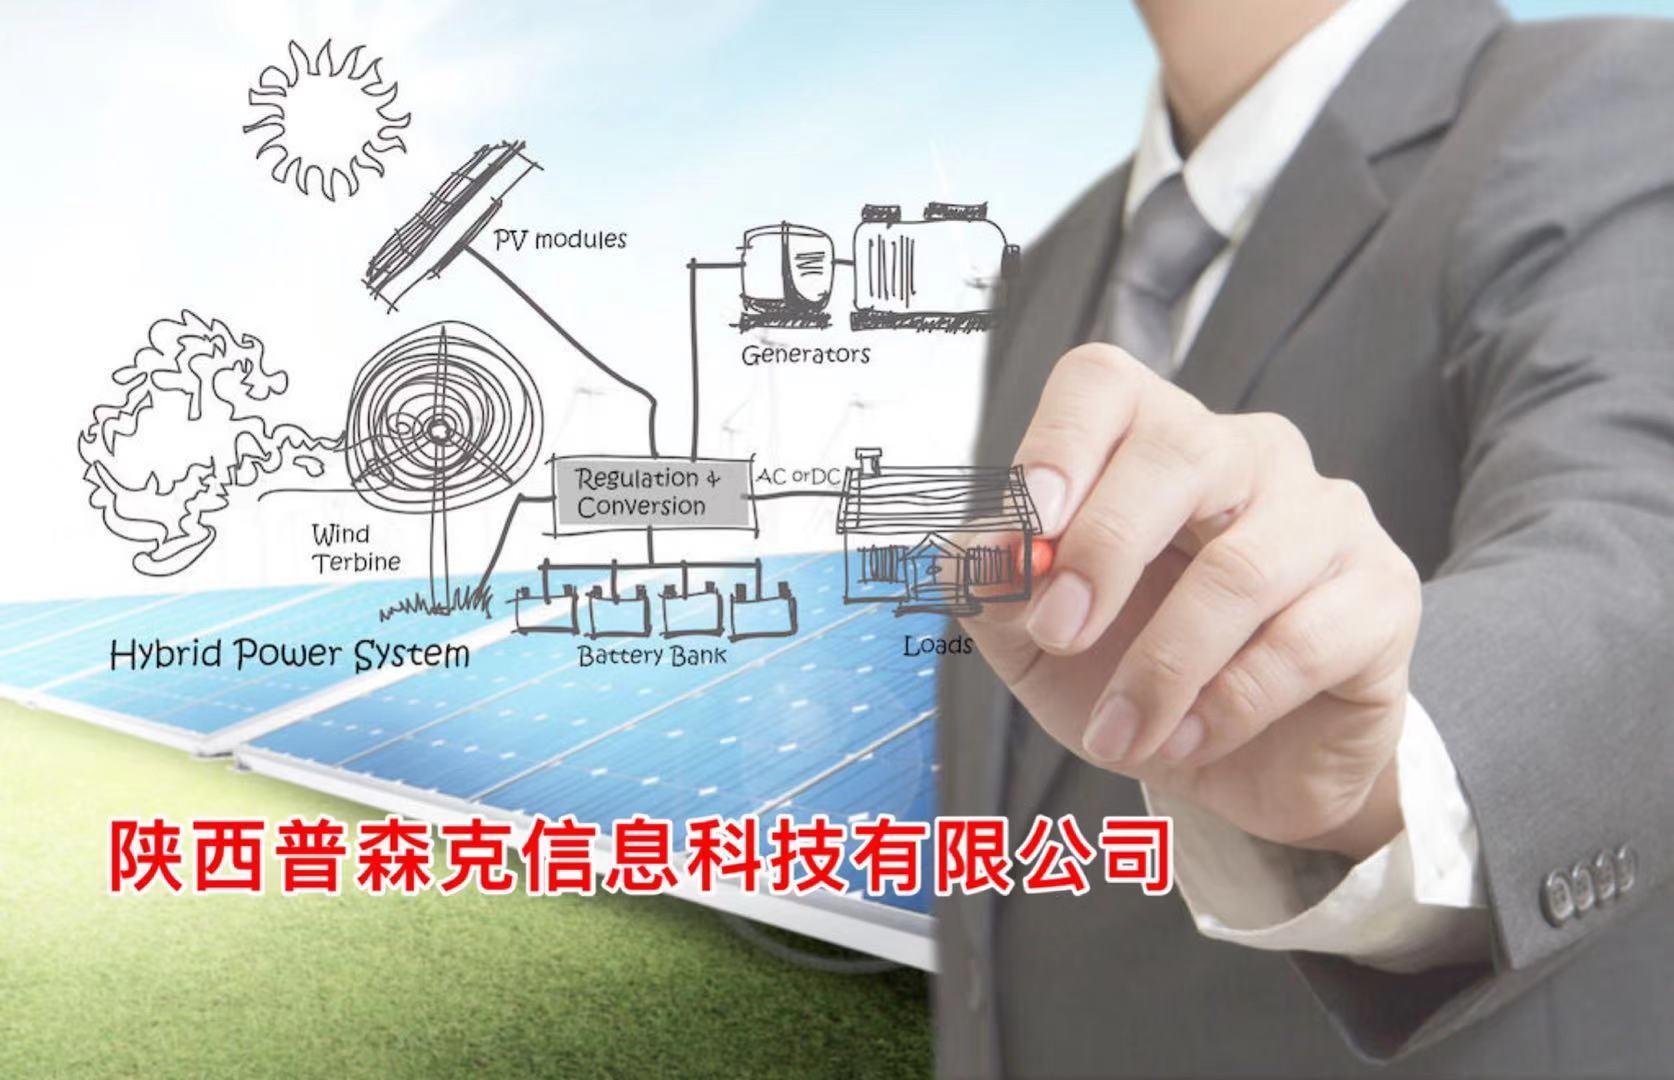 2021年陕西工程师职称重点集合就在这里